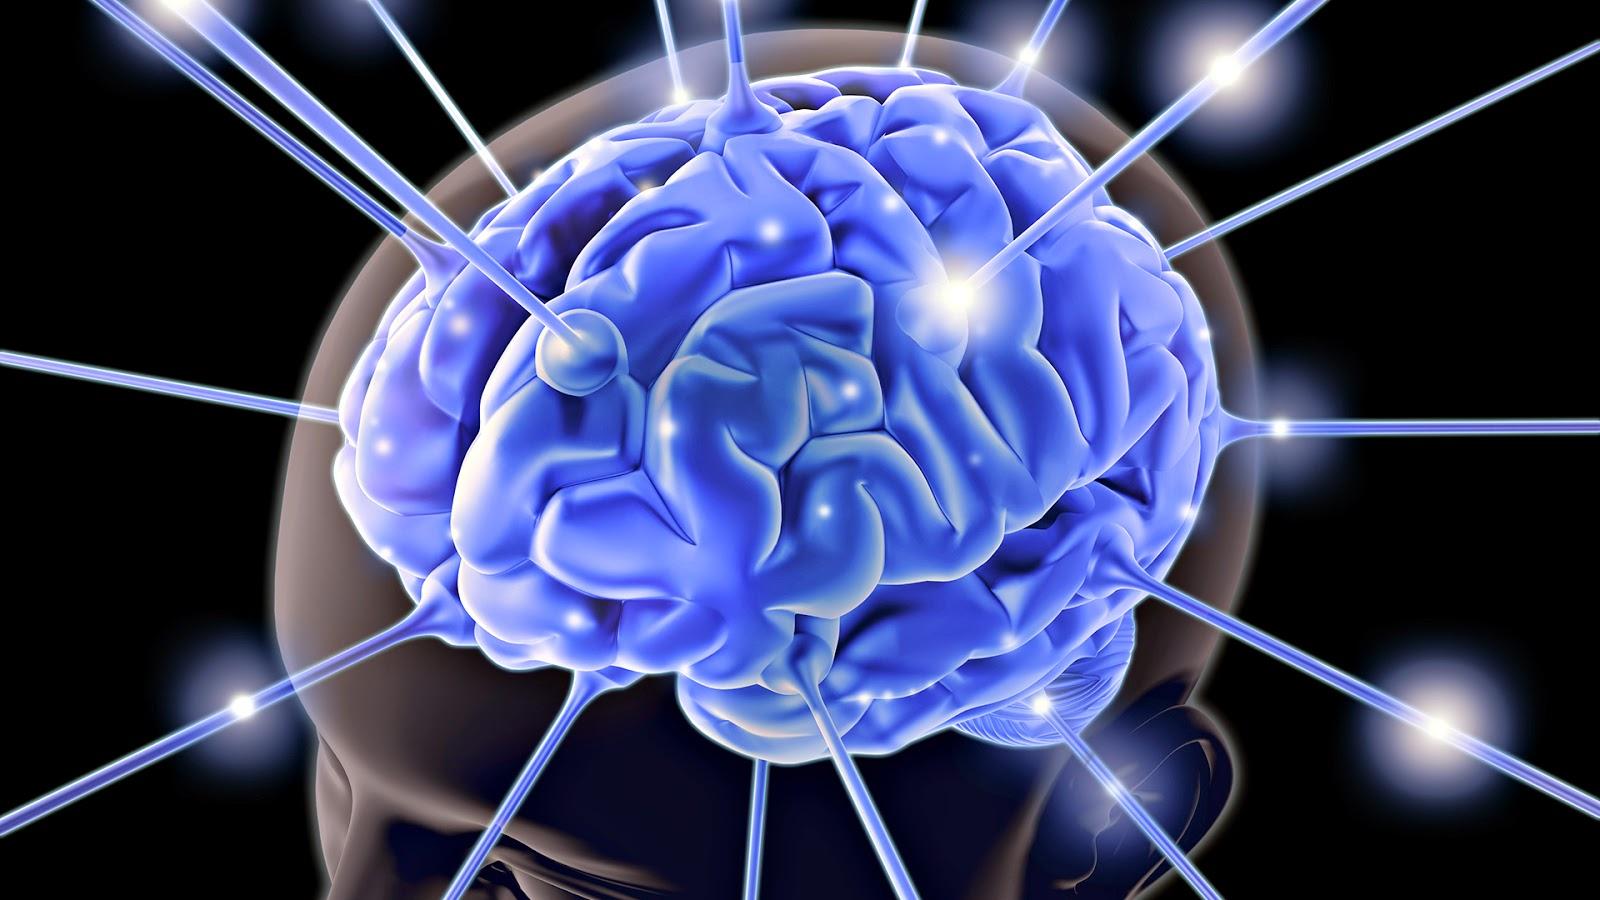 تعلم كيف تحفظ درسا كبيرا في 15 دقيقة مع ضمان بقائه في عقلك